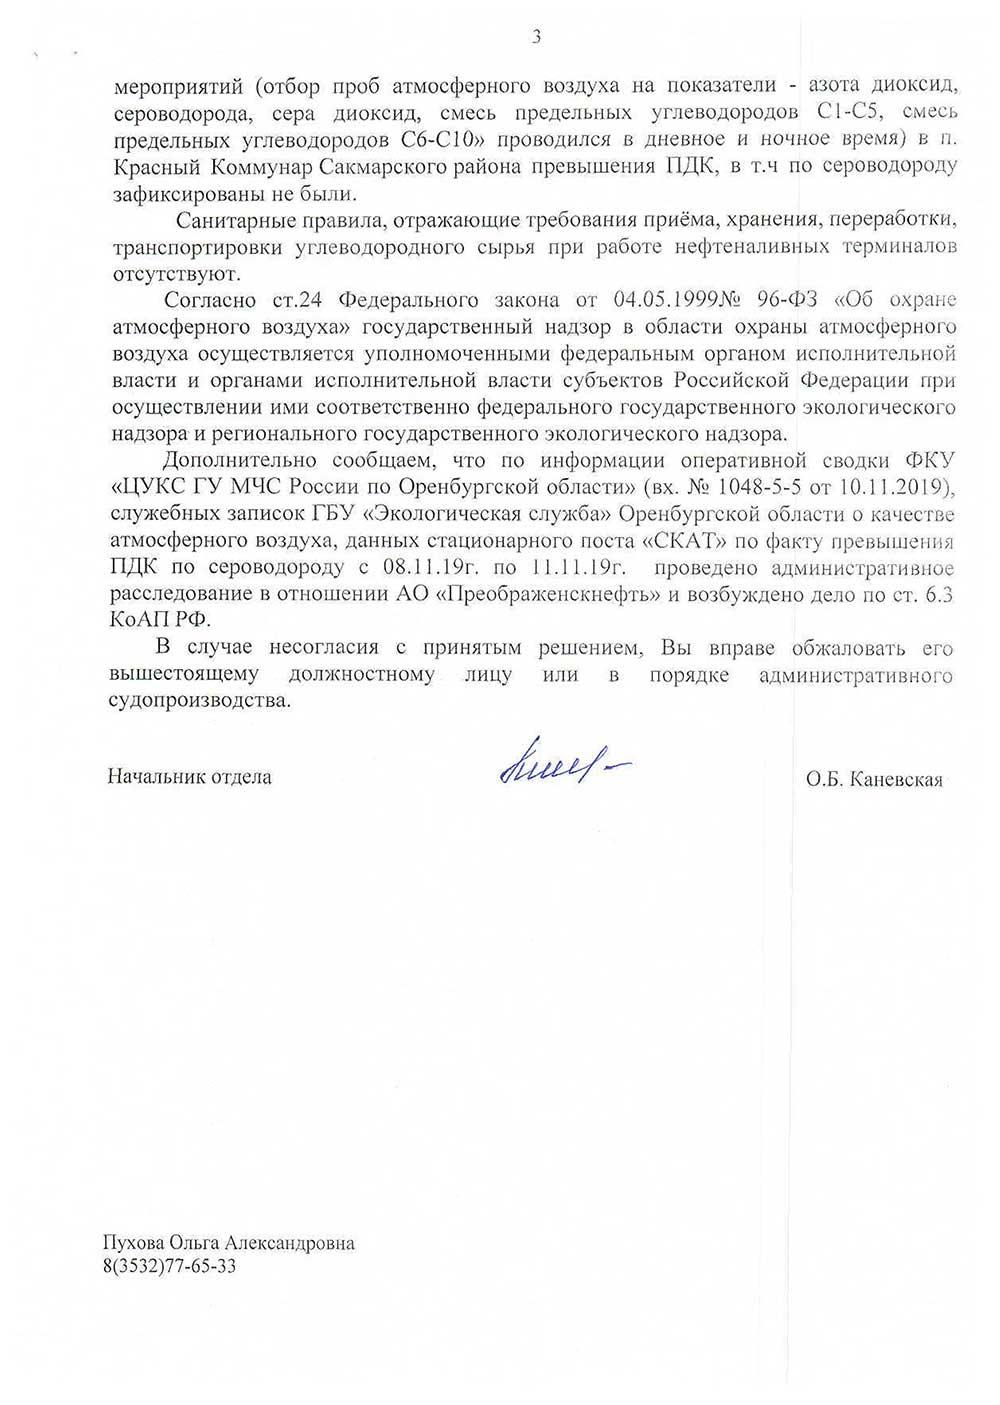 Ответ Роспотребнадзора на обращение Белых Л.И. 14.01.2020